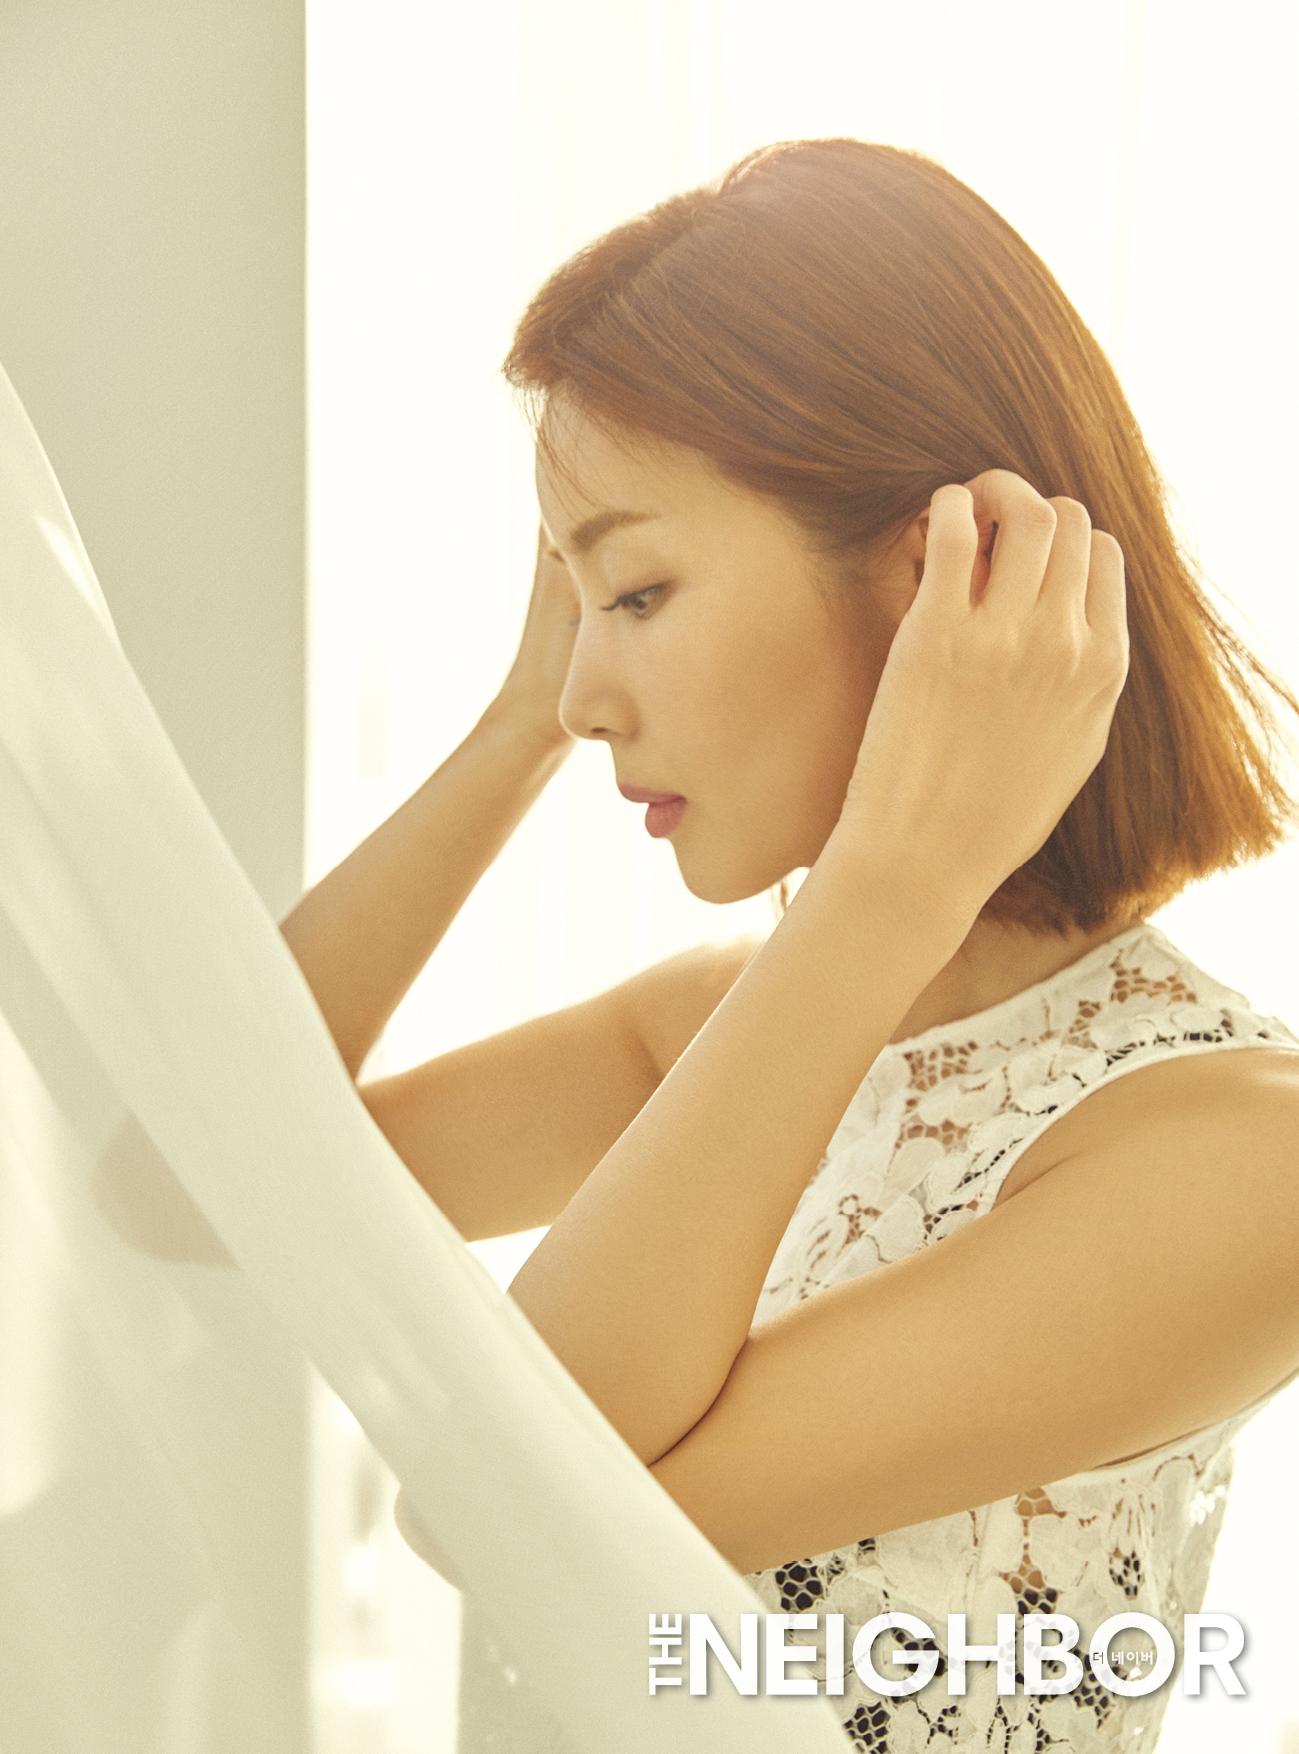 """박솔미 """"오늘을 살피는 라이프 스타일을 지향한다"""" 경쾌한 매력 화보 공개"""